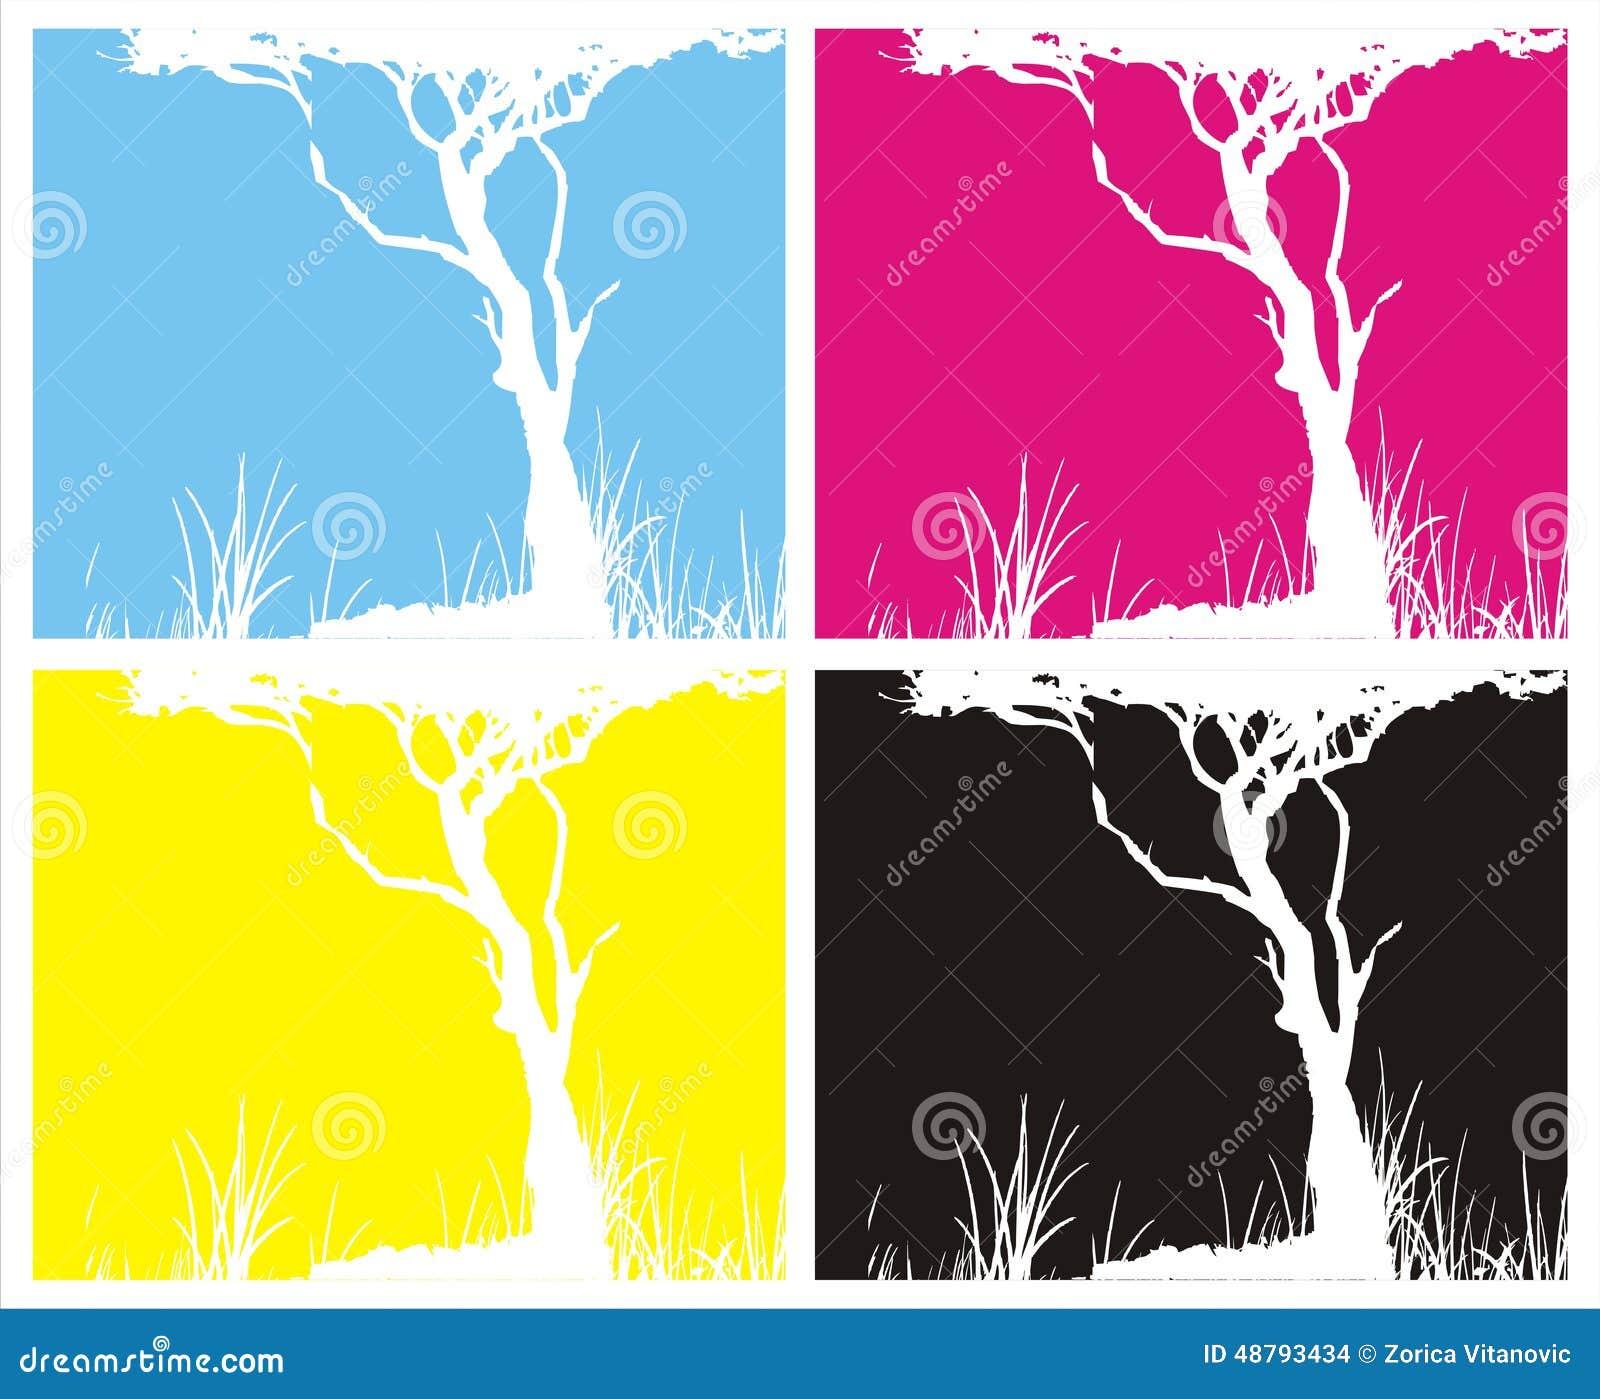 Four pictures CMYK colours